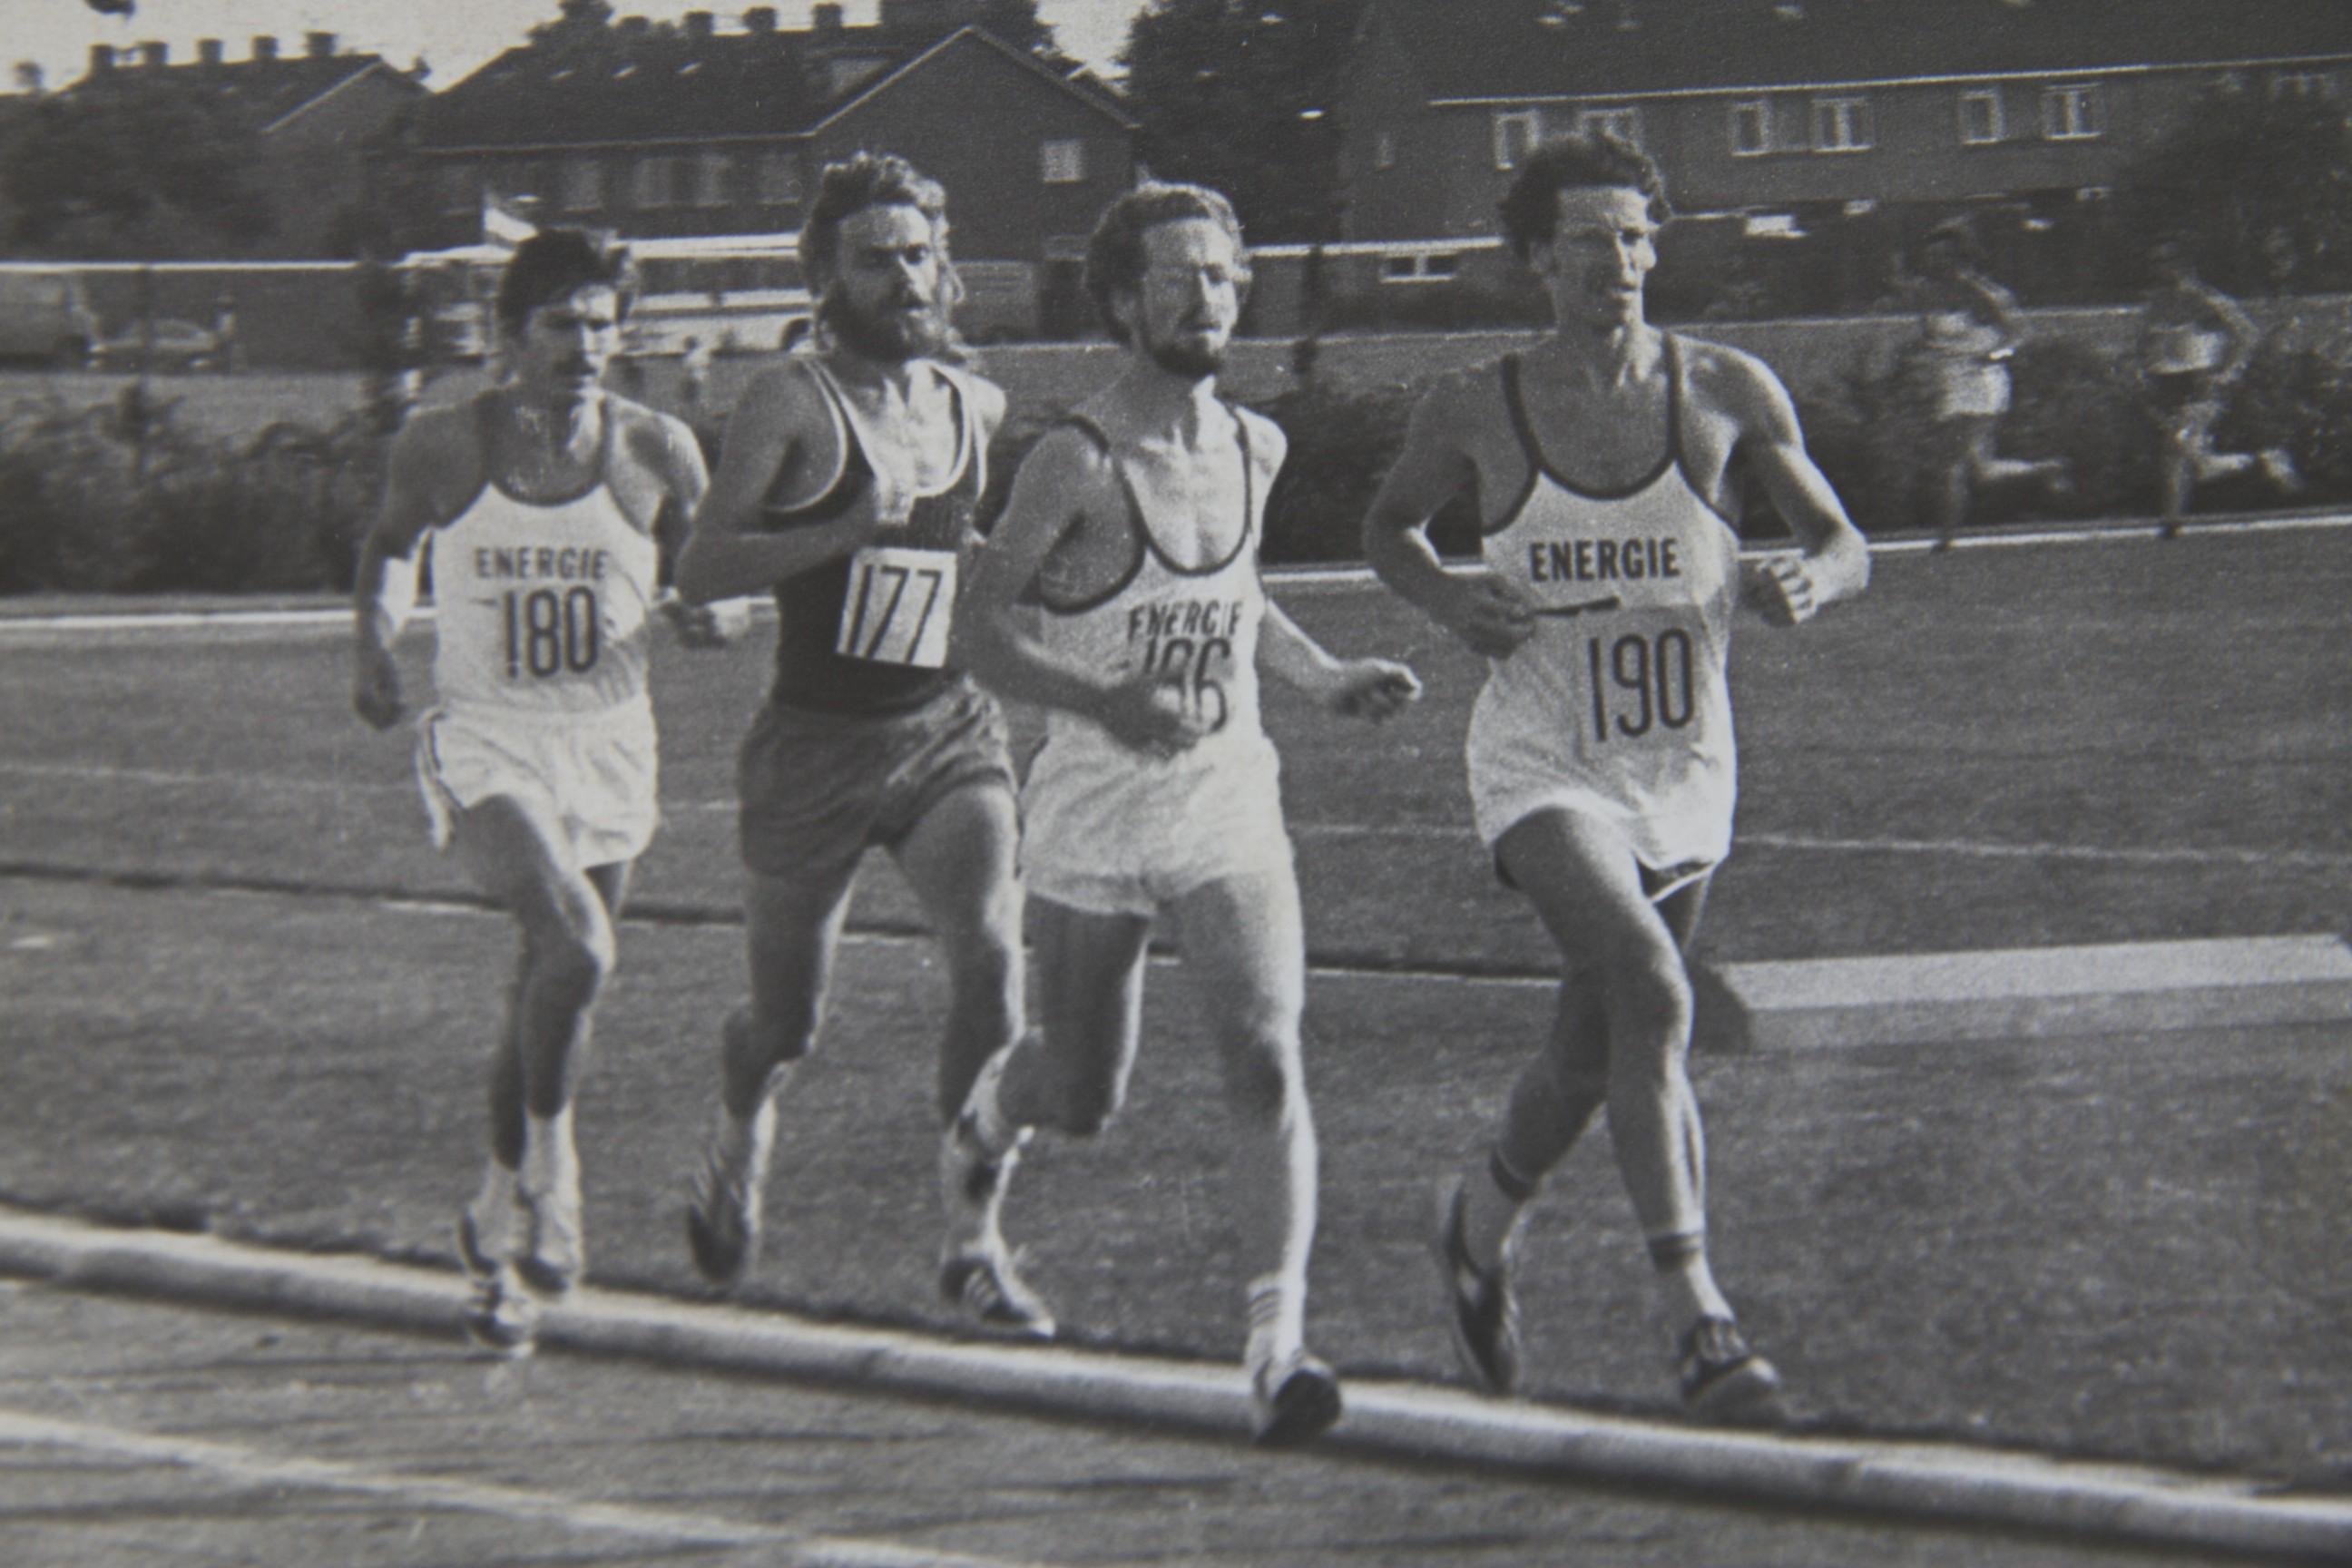 1976 Sintelbaan Energie met v.l.n.r. Rob Prooi(180), Dick Blees(177) Jaap Haneveer(186) en Herman Vrijhof(190) tijdens de opening van deze baan op een 5000 meter.